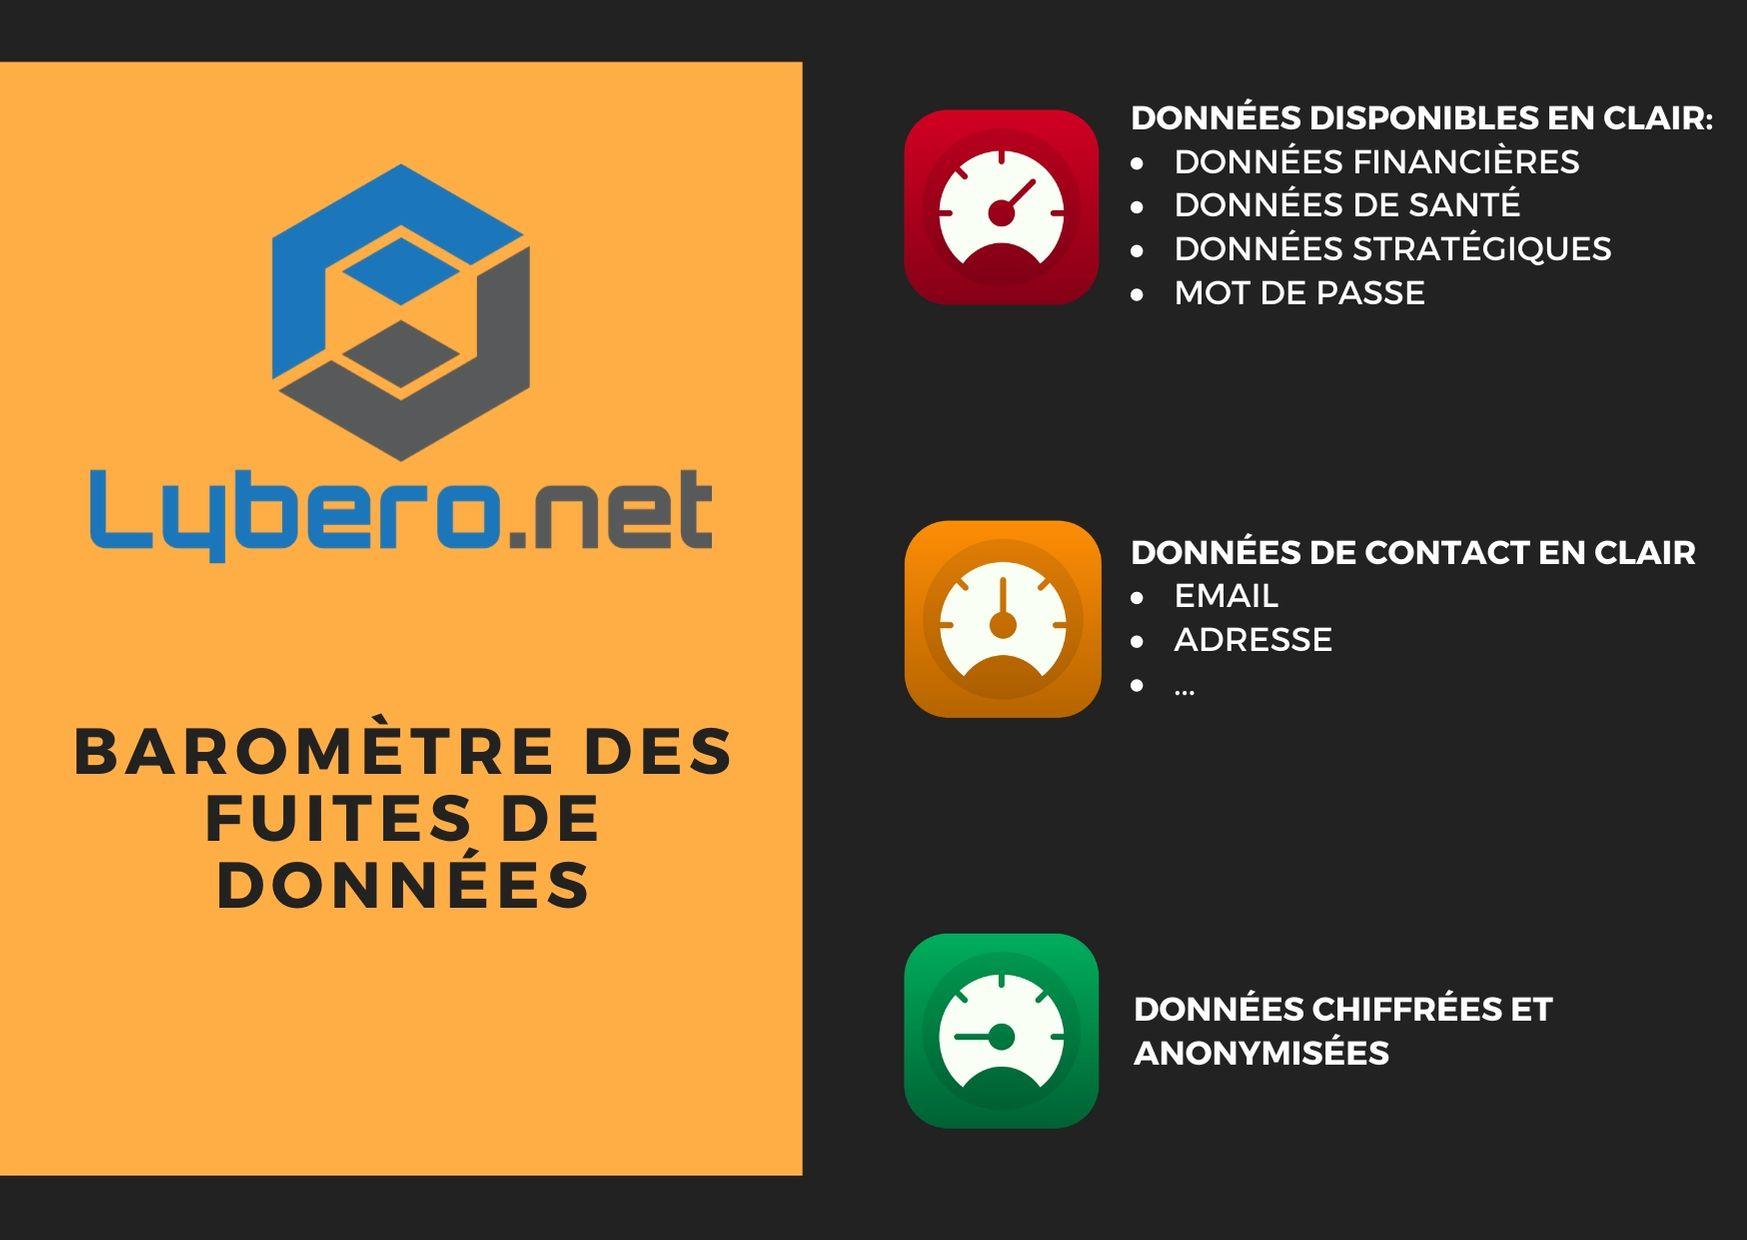 Barometre-des-fuites-de-donnees de lybero.net